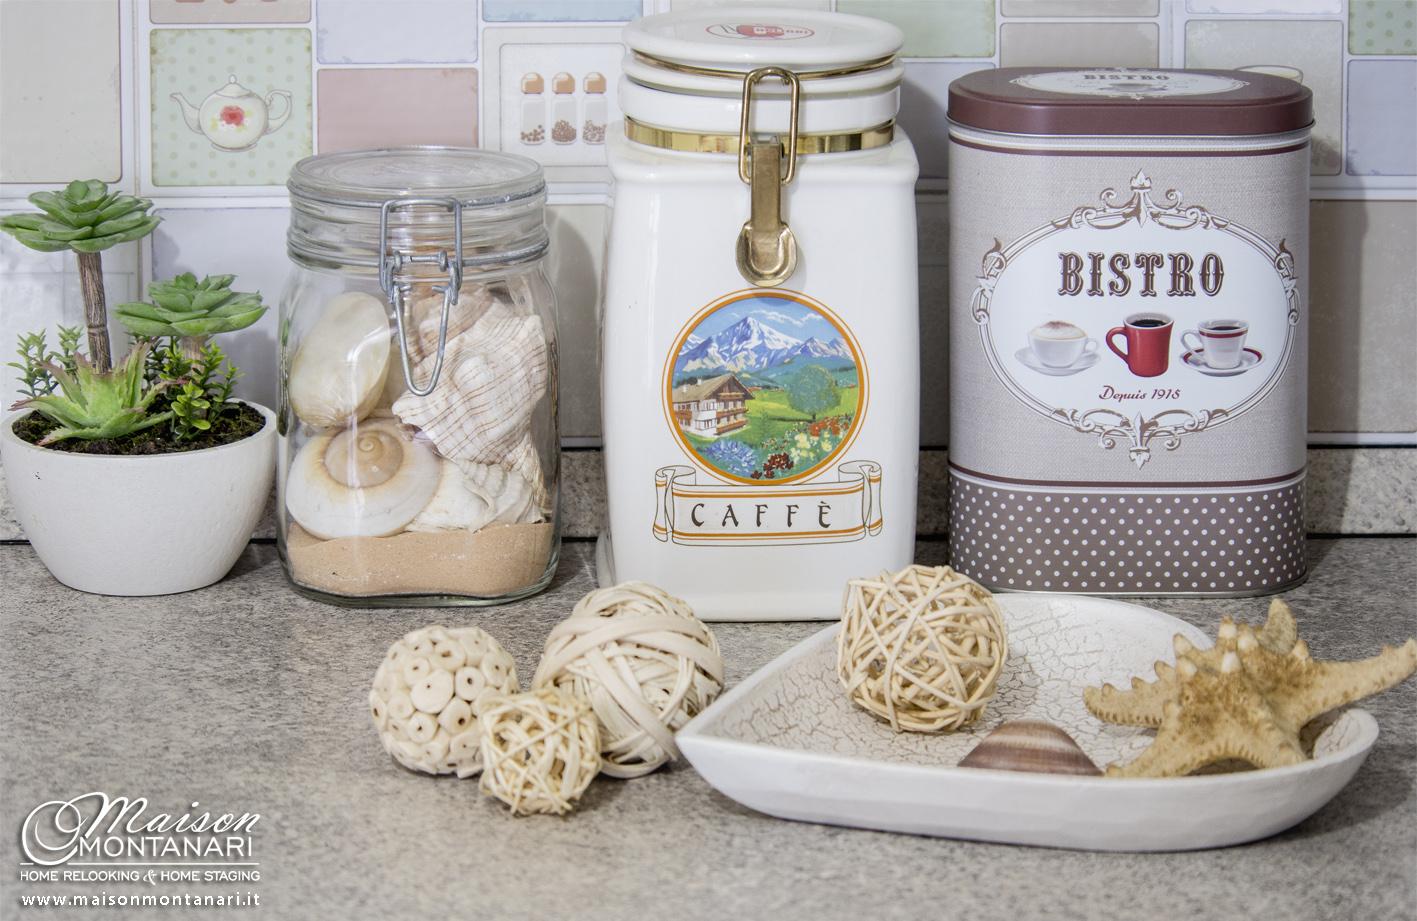 Barattoli vintage in cucina maison montanari - Barattoli cucina maison du monde ...